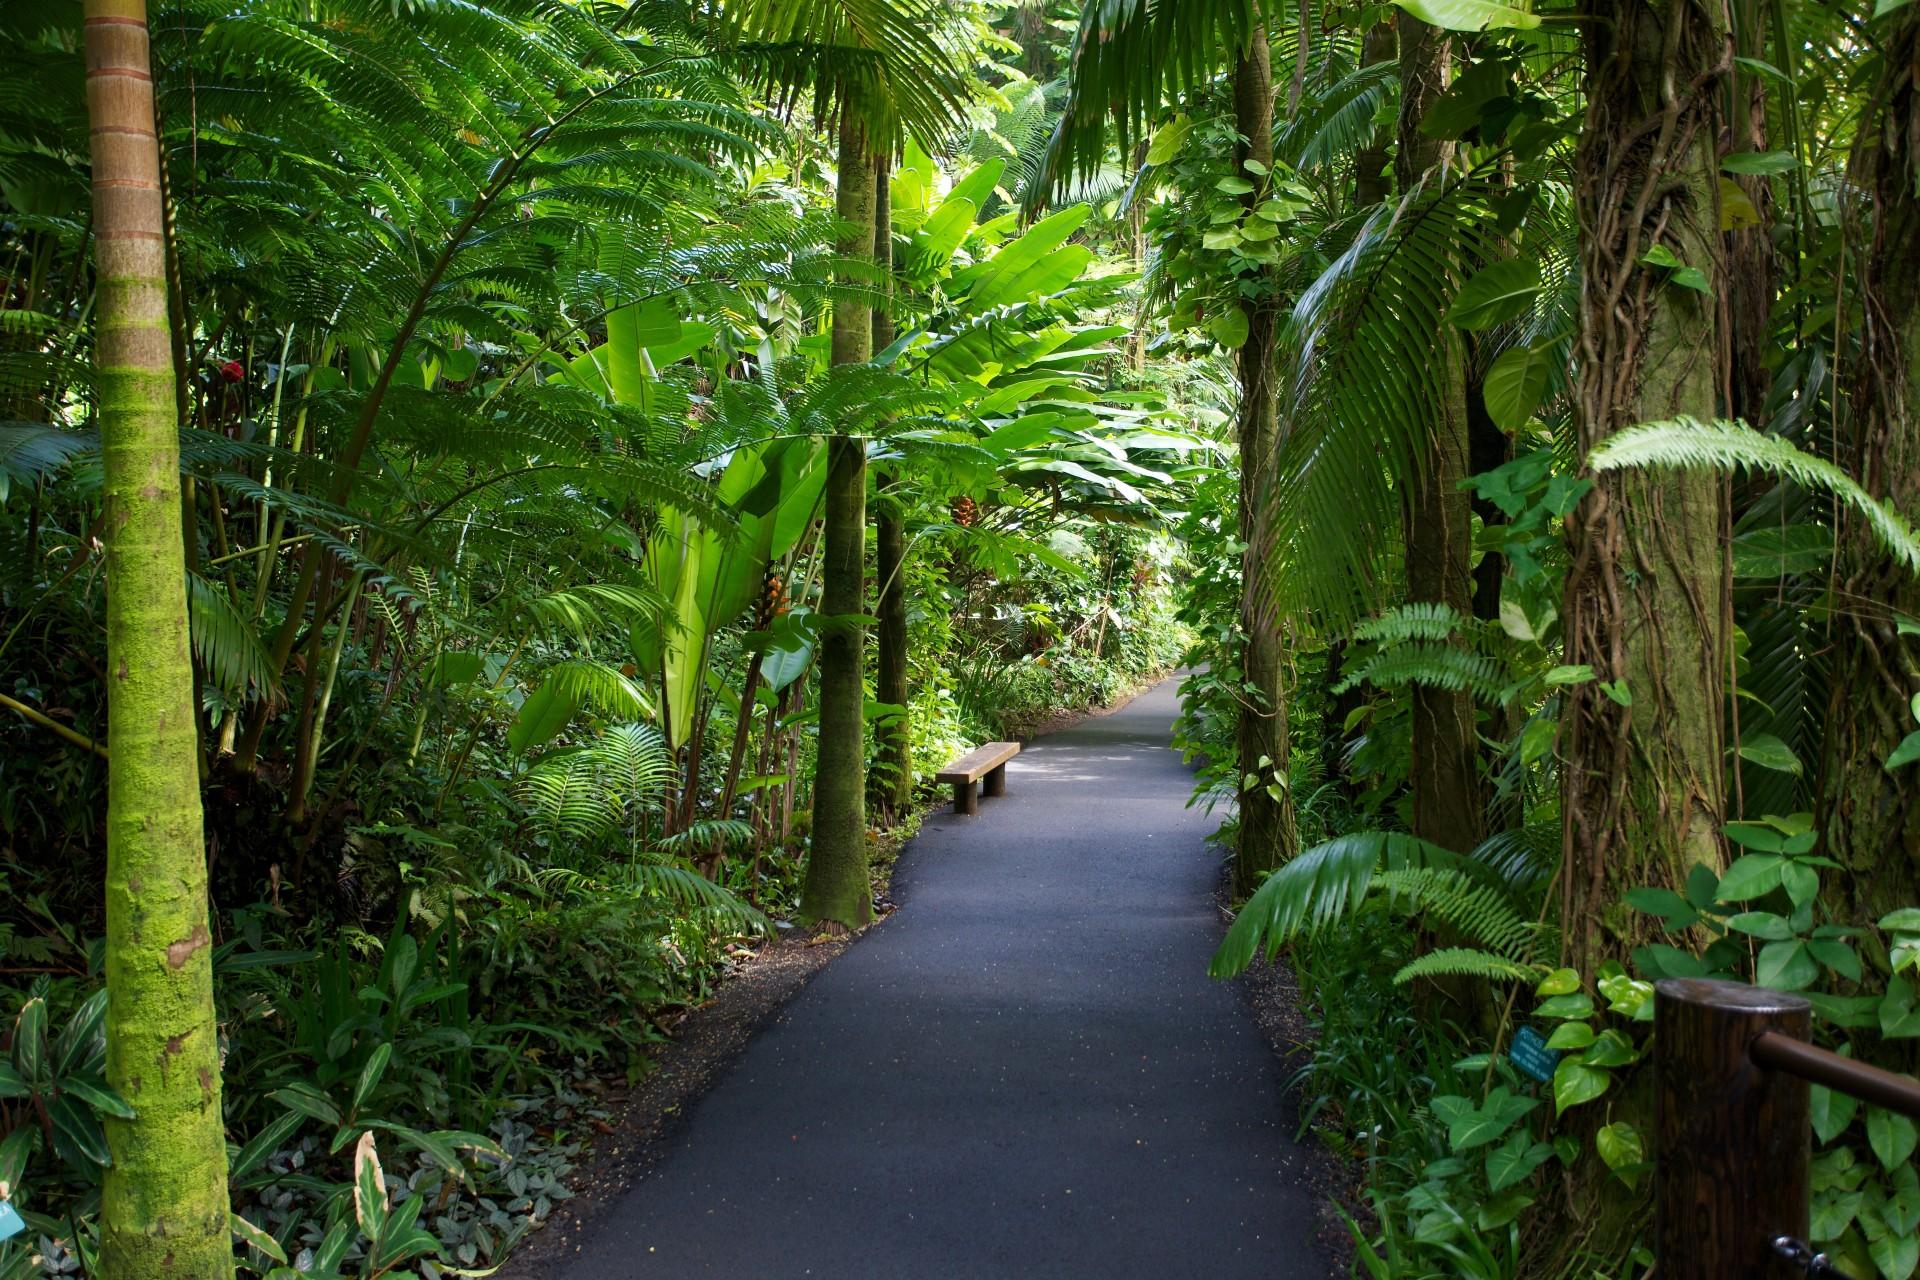 прошлом тропический сад гавайи фото материал однотонный или